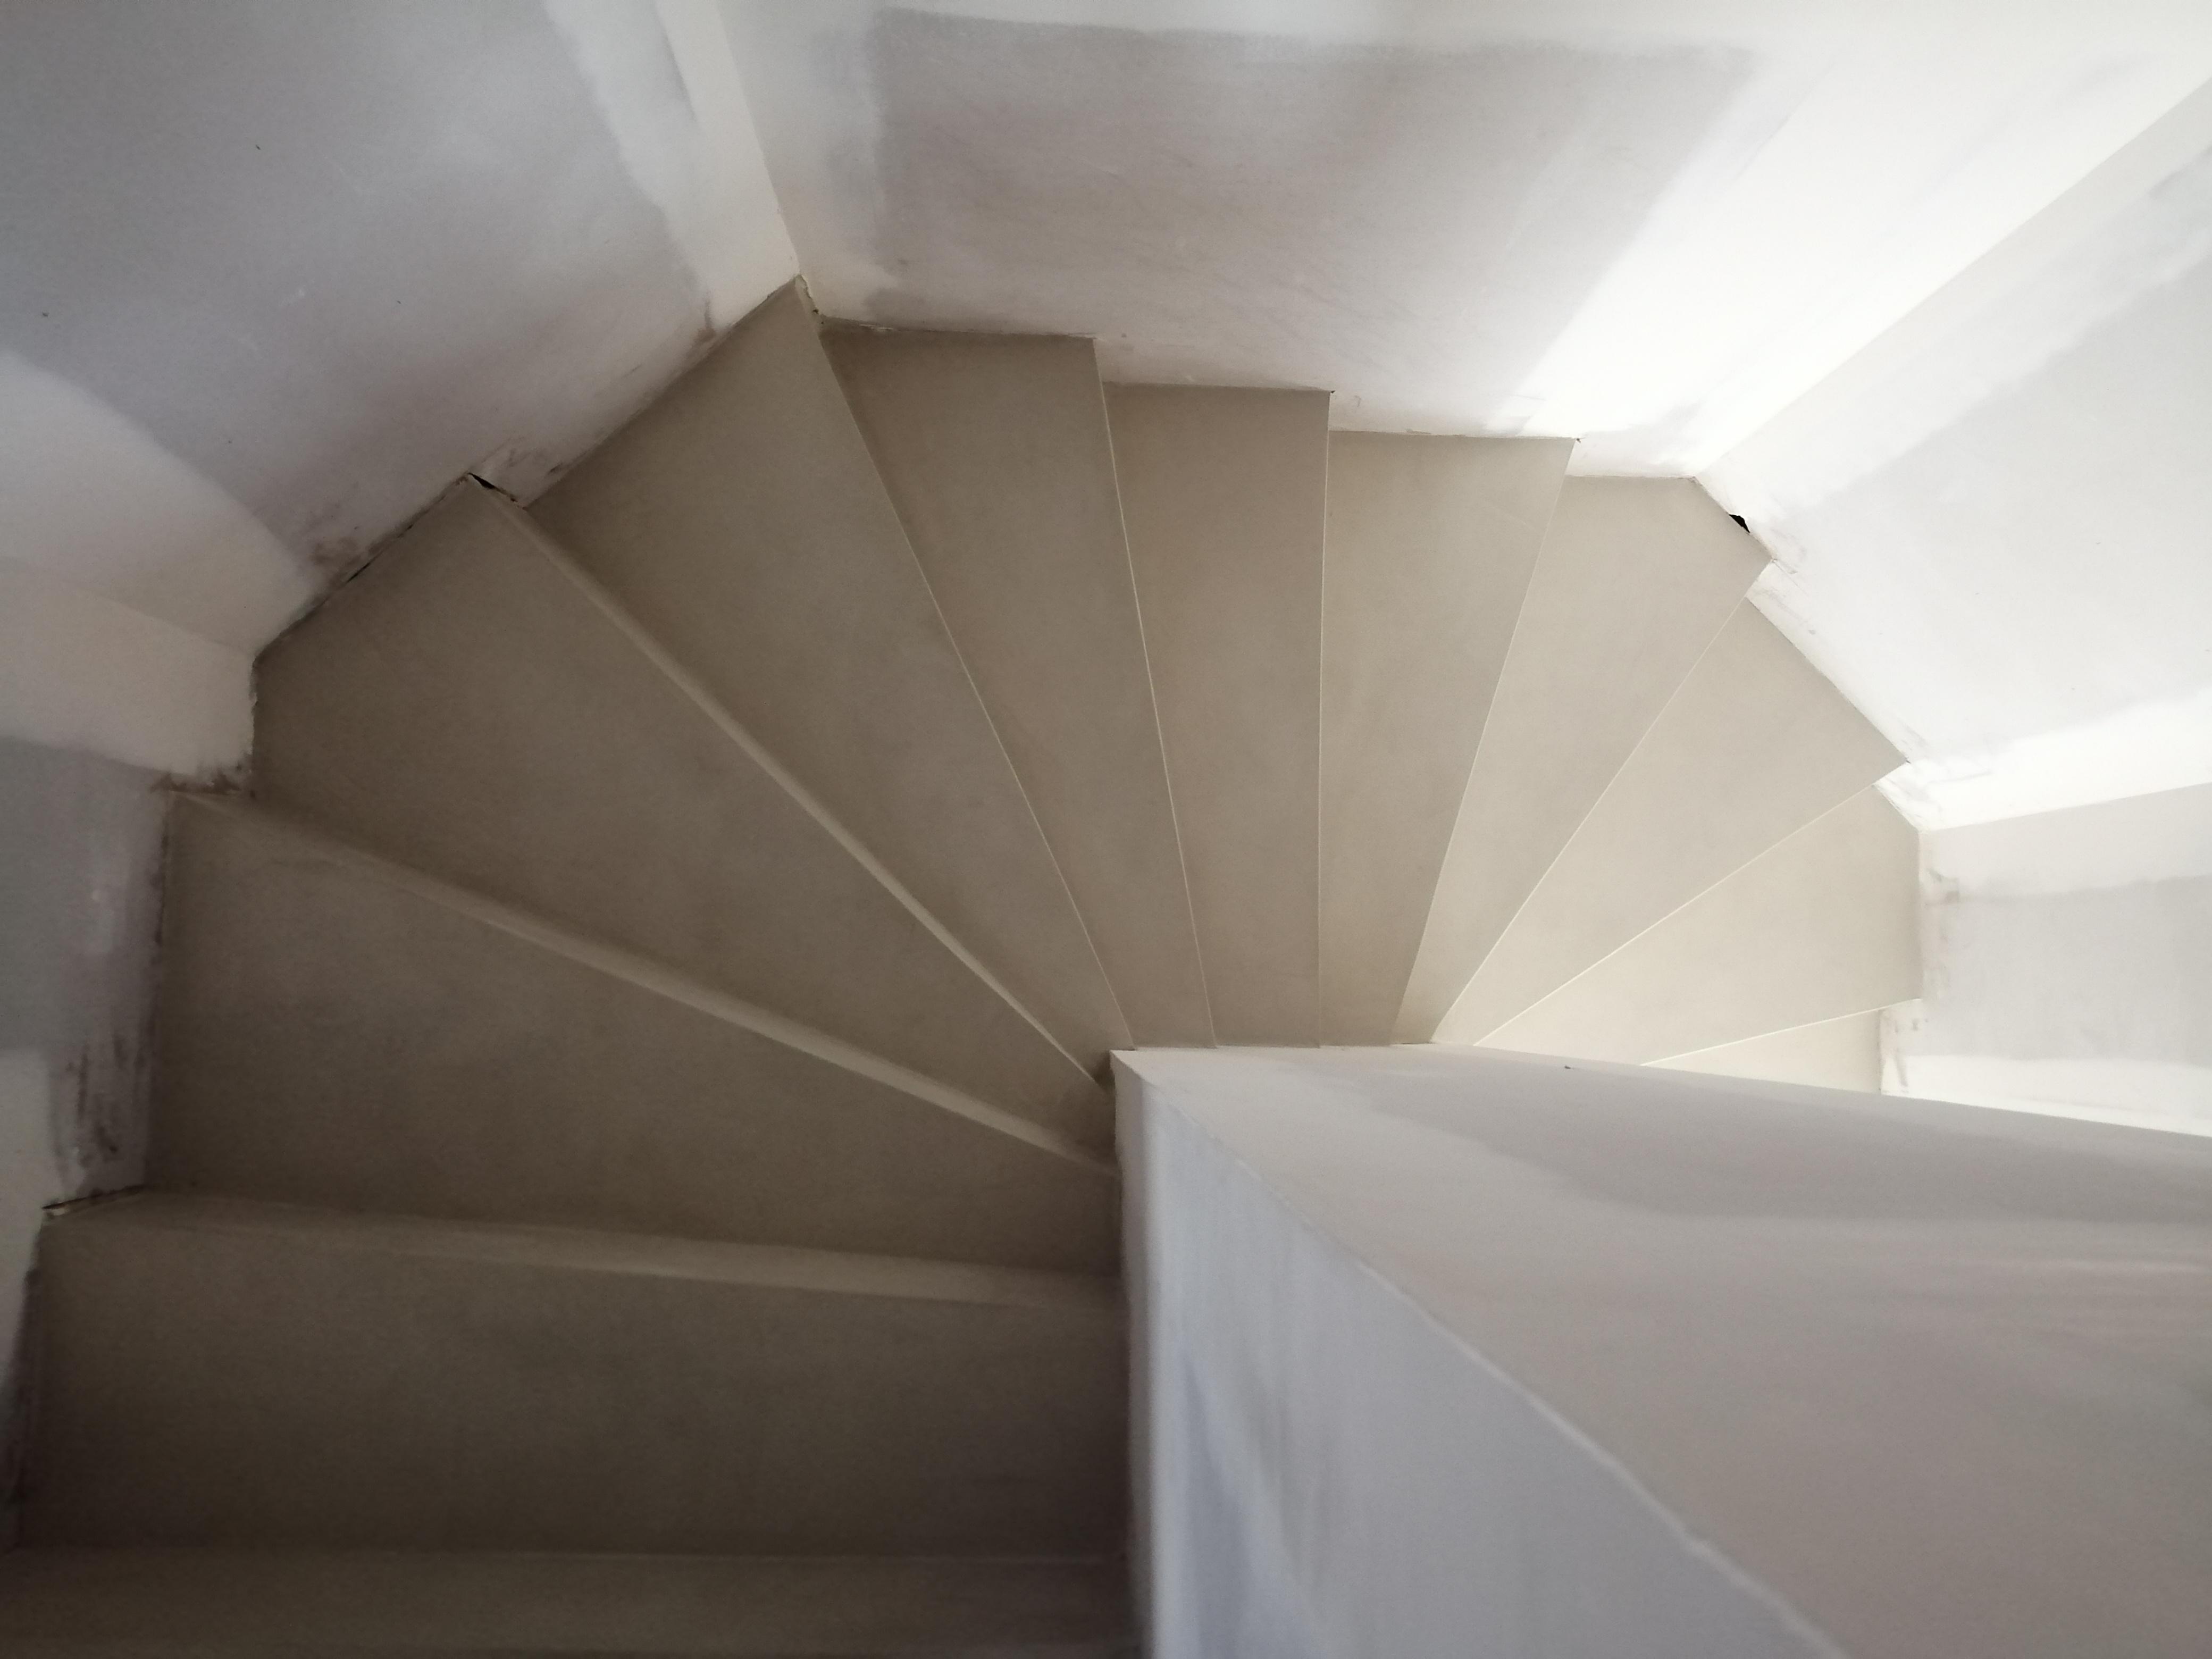 Vernis Pour Marche Escalier bel marches d'un escalier à paillasse en béton ciré vernis